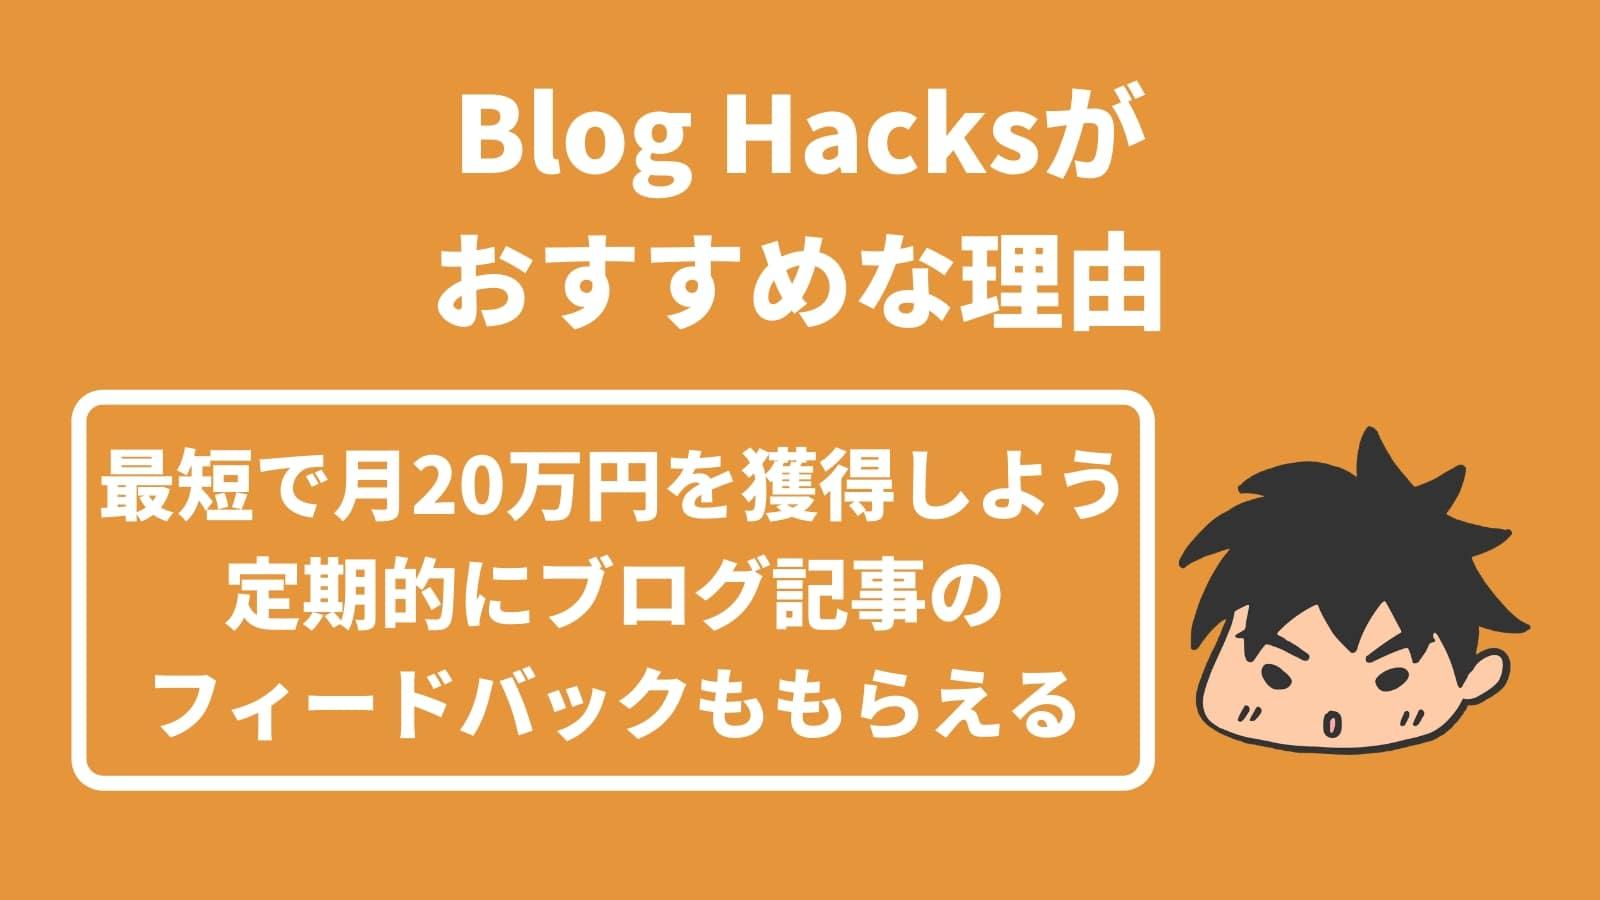 Blog Hacksが おすすめな理由